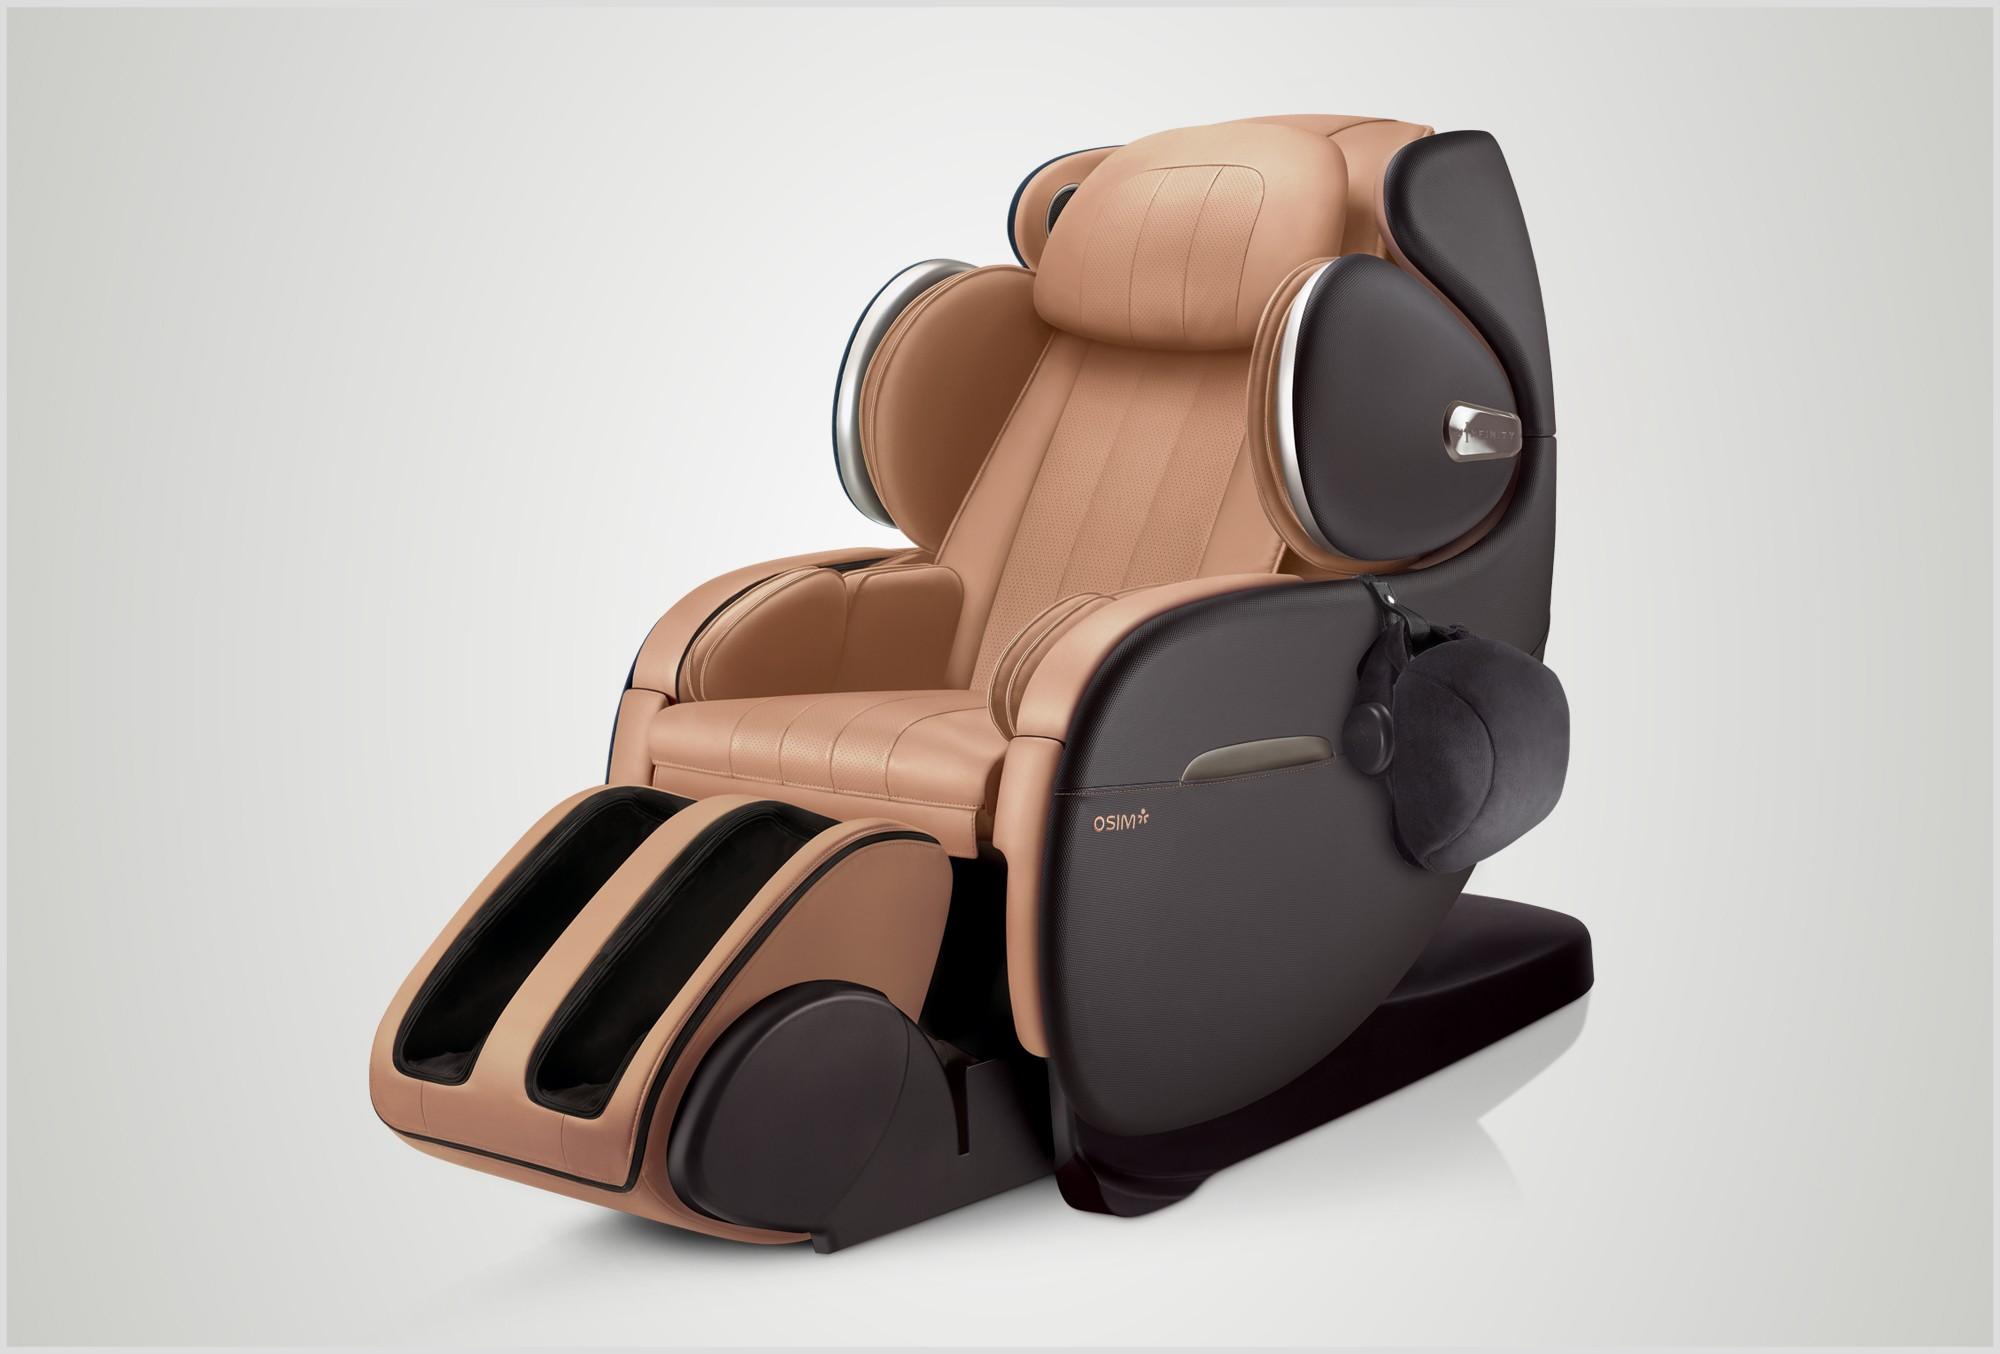 OSIM Webshop OSIM uInfinity Luxe Massage Chair